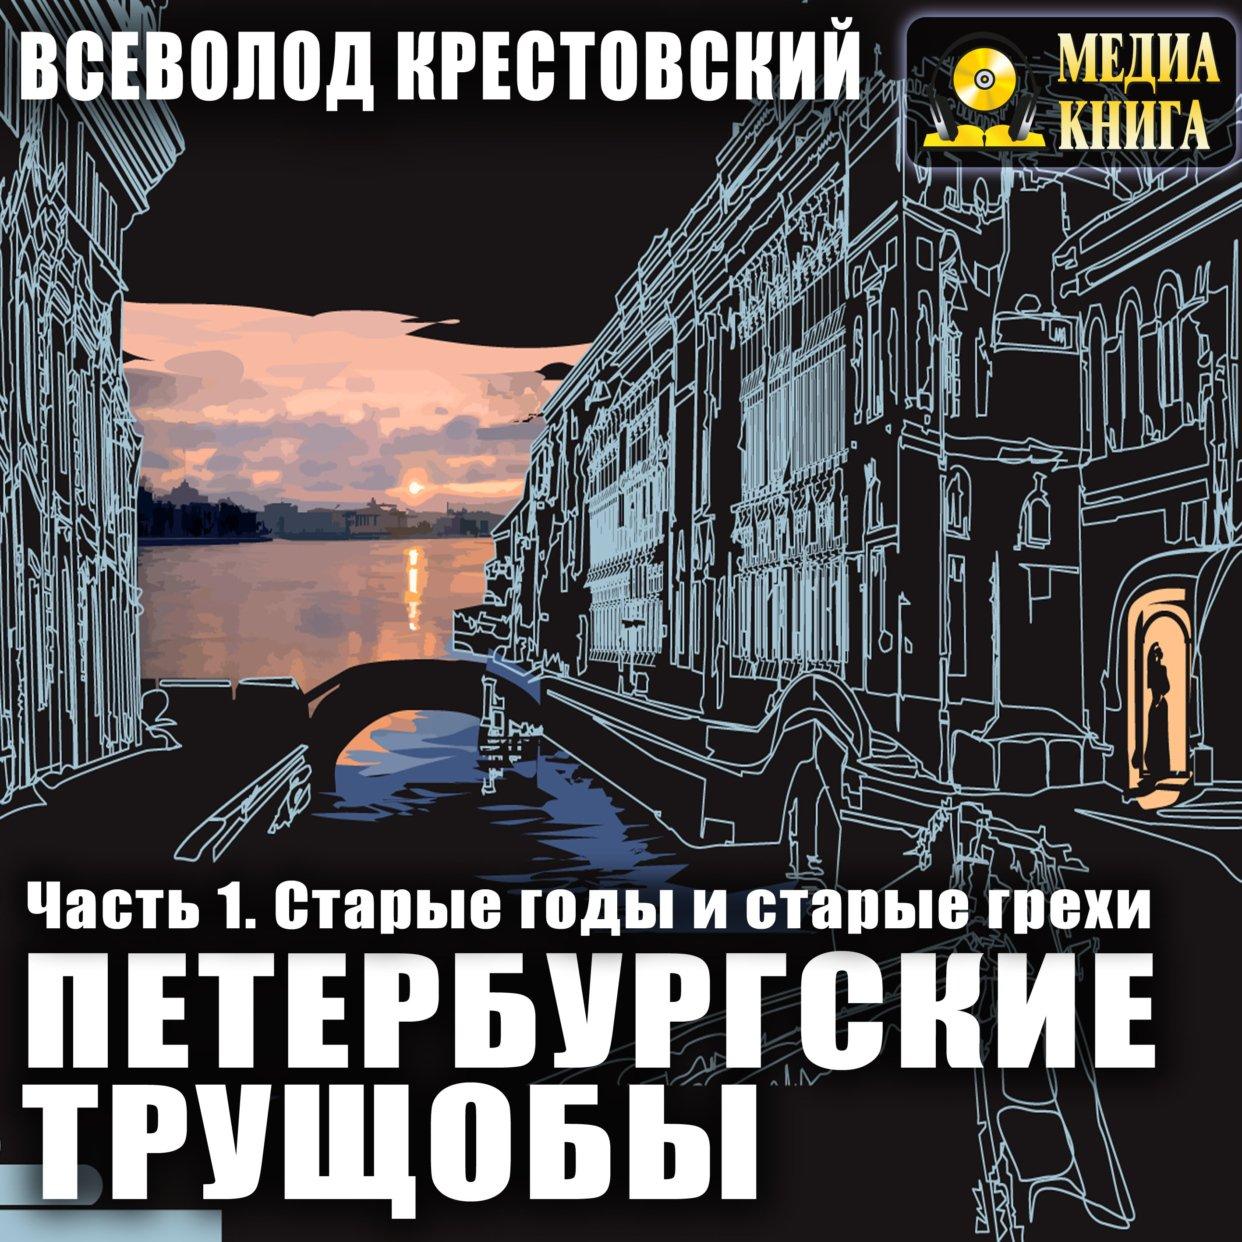 Петербургские трущобы. Старые годы и старые грехи